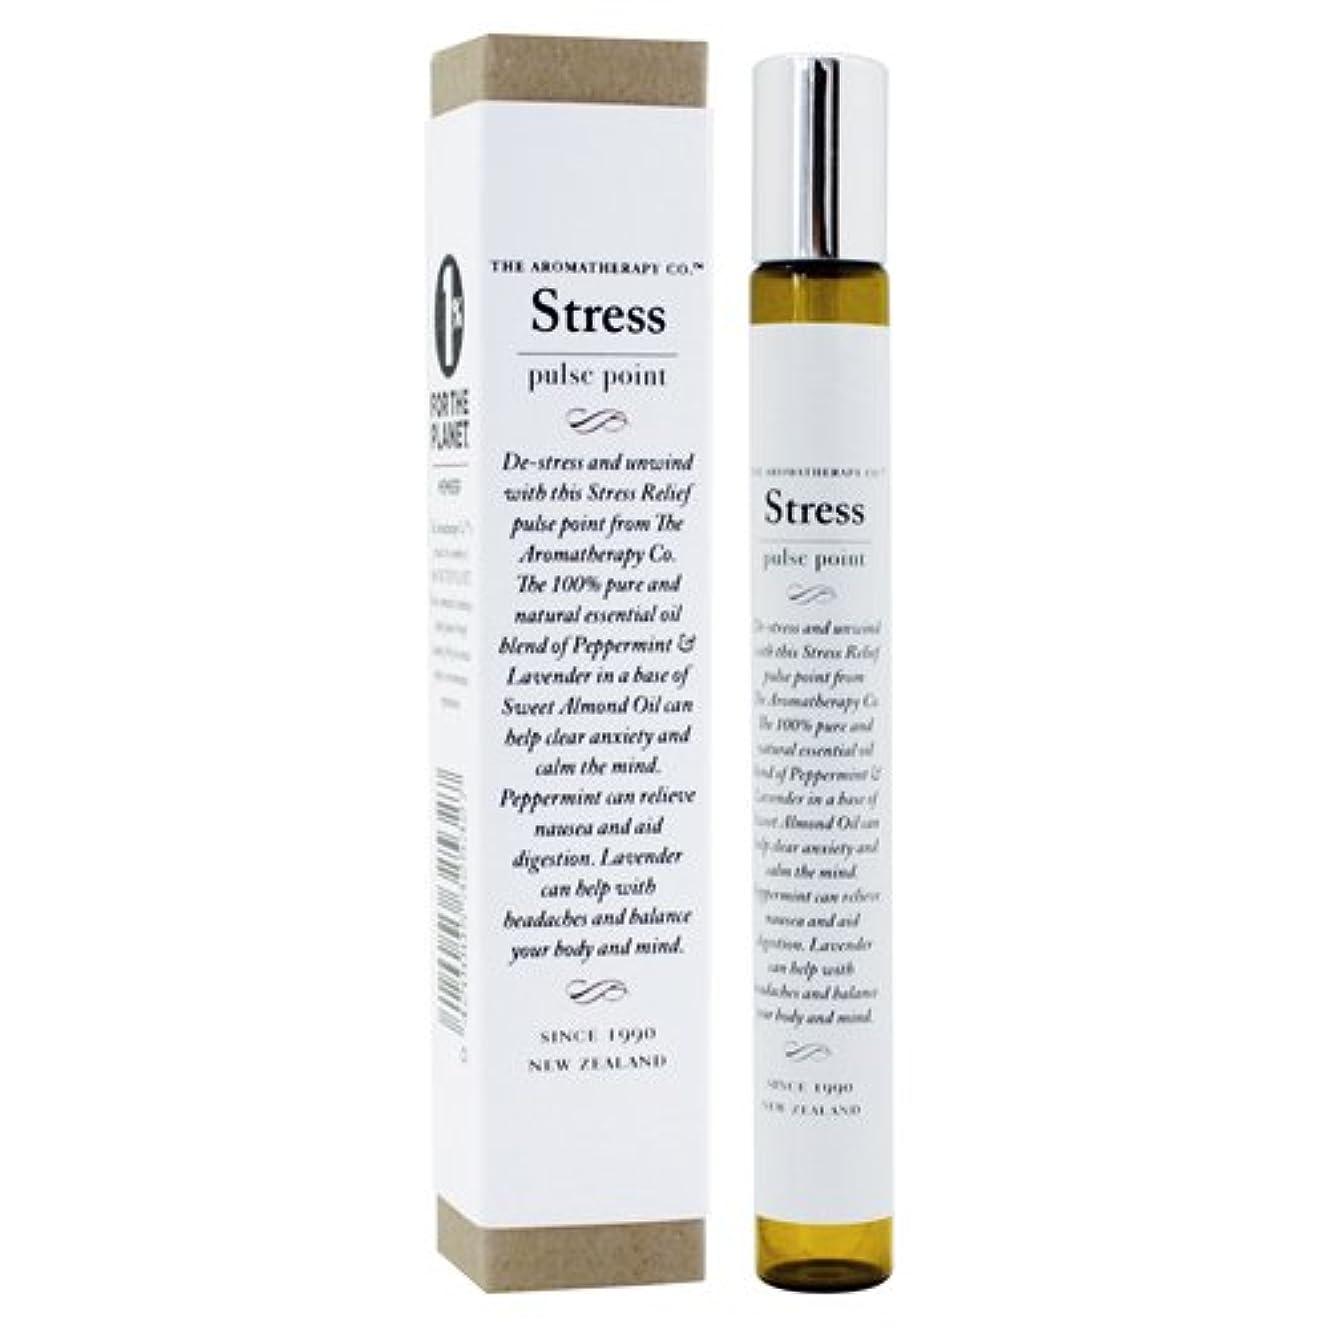 残高憂鬱予見するTherapy Range セラピーレンジ Pulse Pointパルスポイント Stressストレス